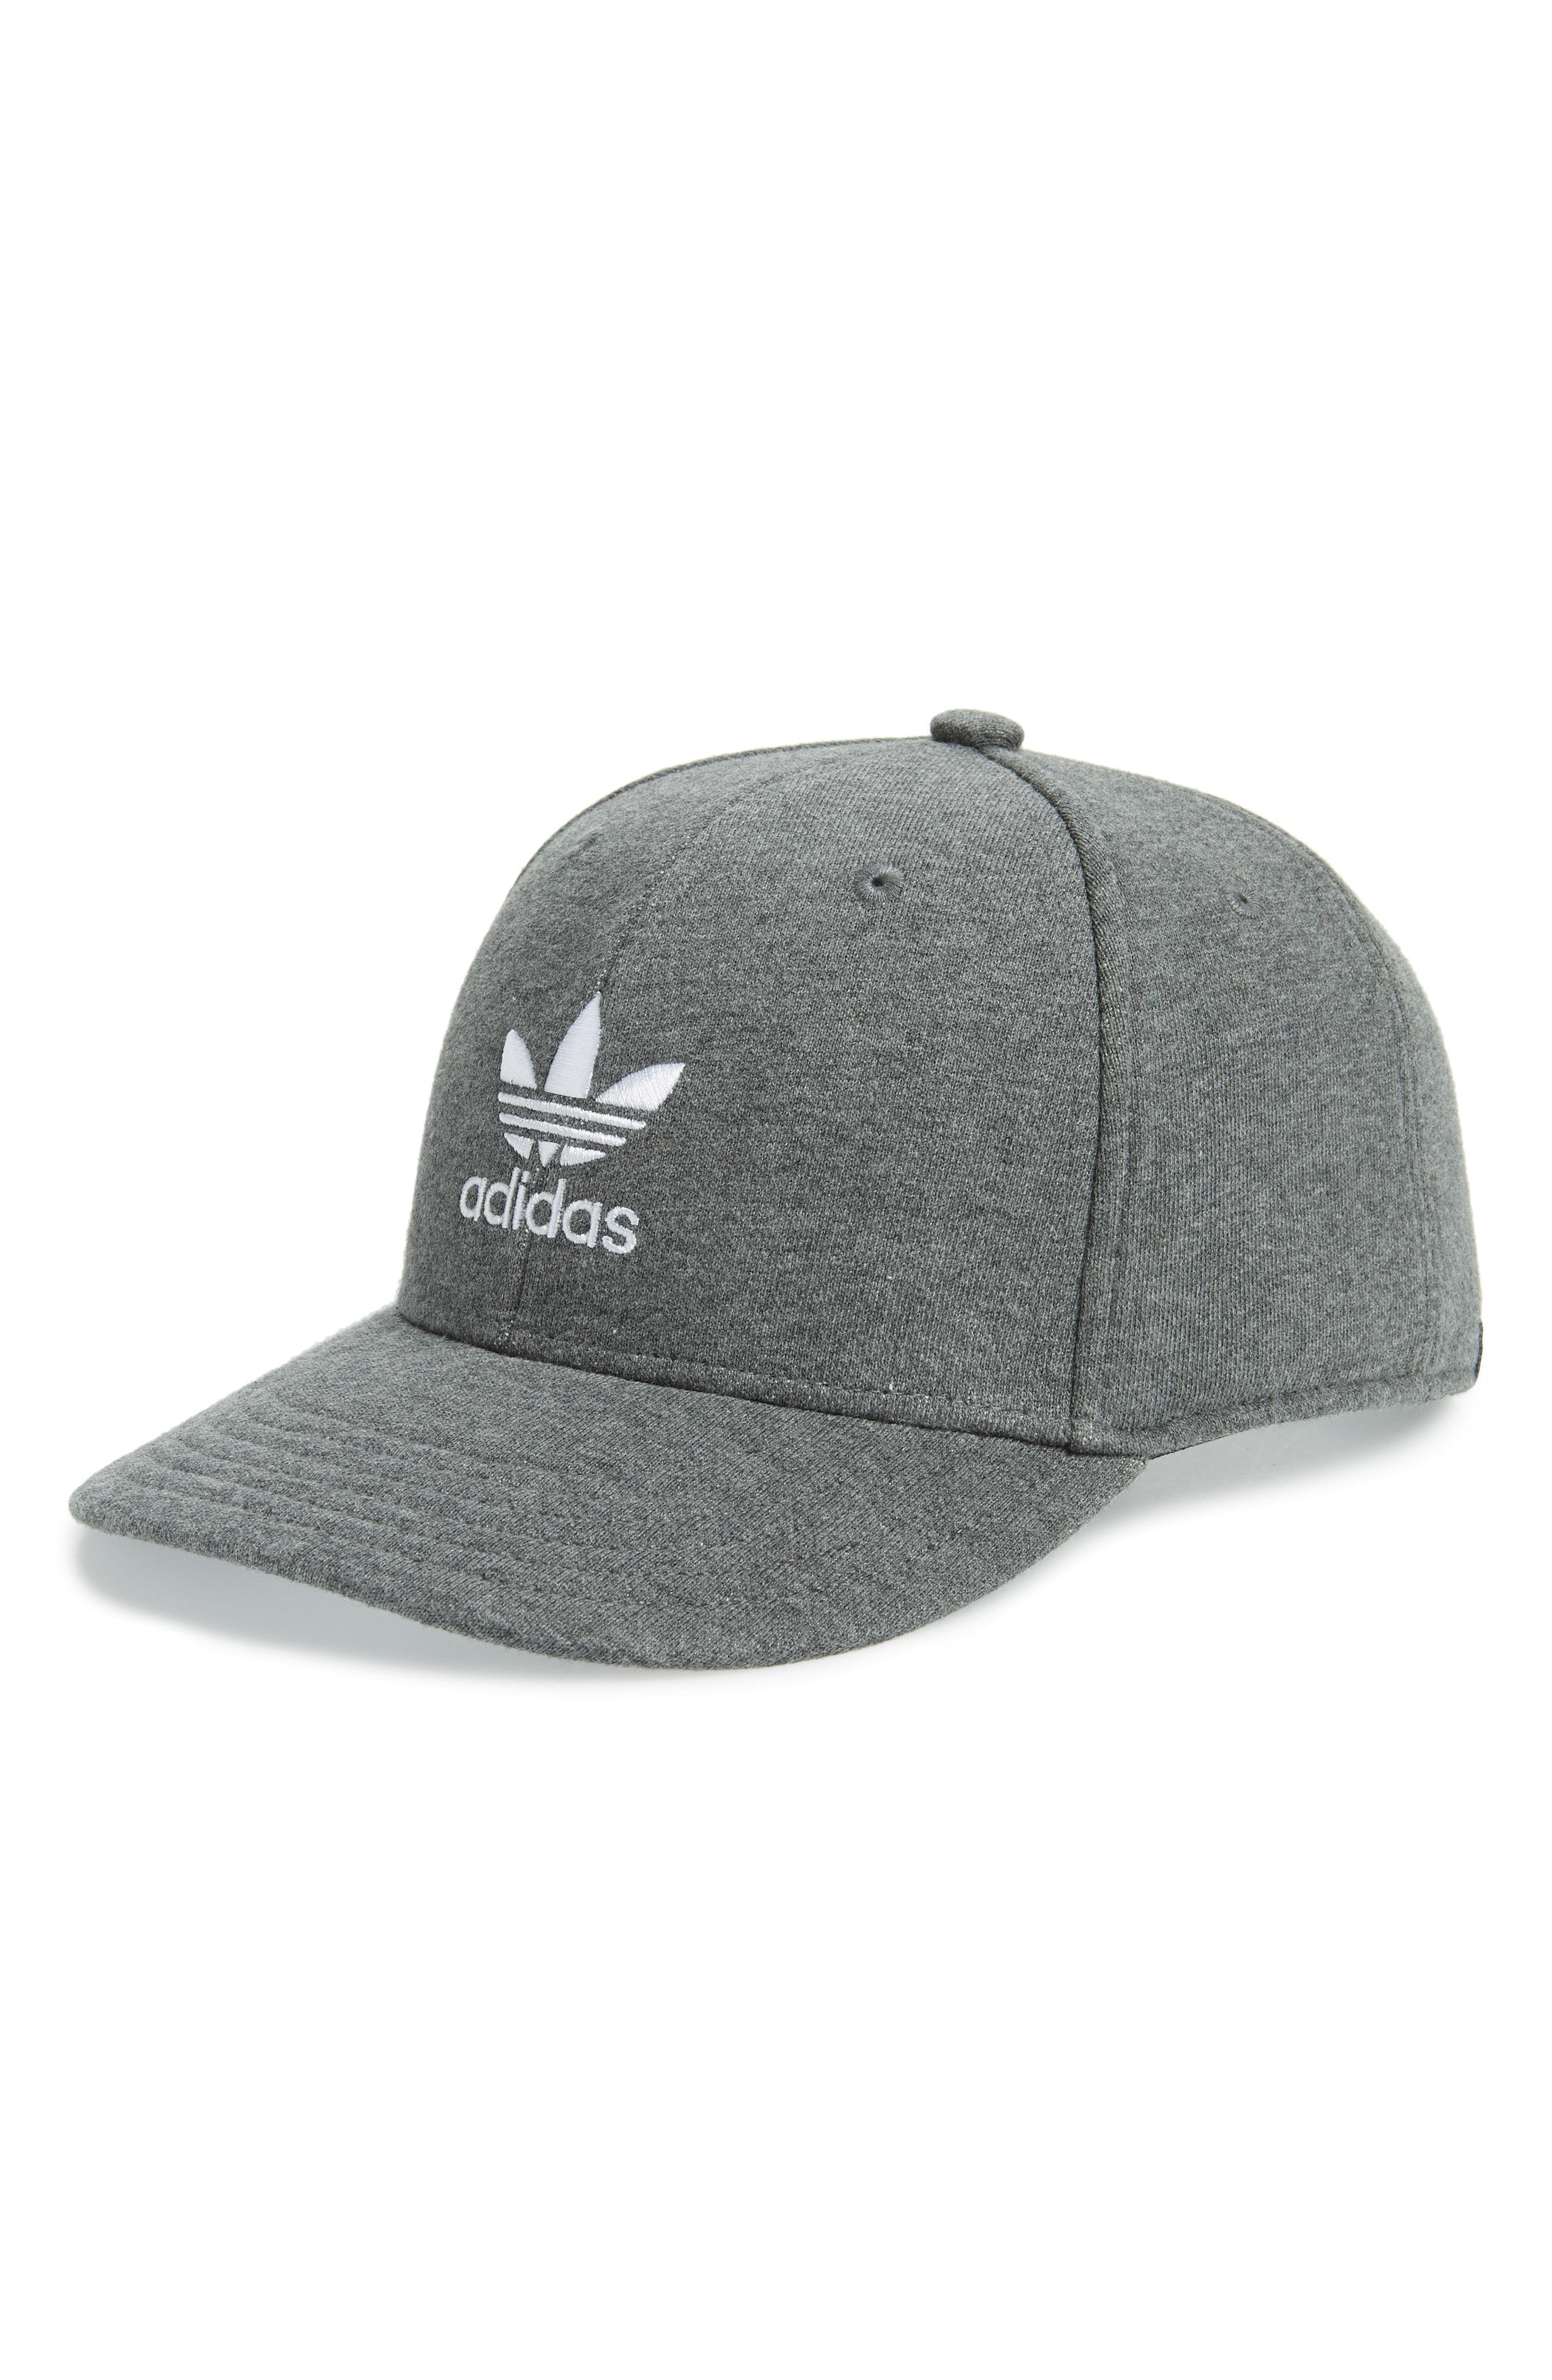 d3418840213 Lyst - Adidas Originals Trefoil Snapback Baseball Cap - in Gray for Men